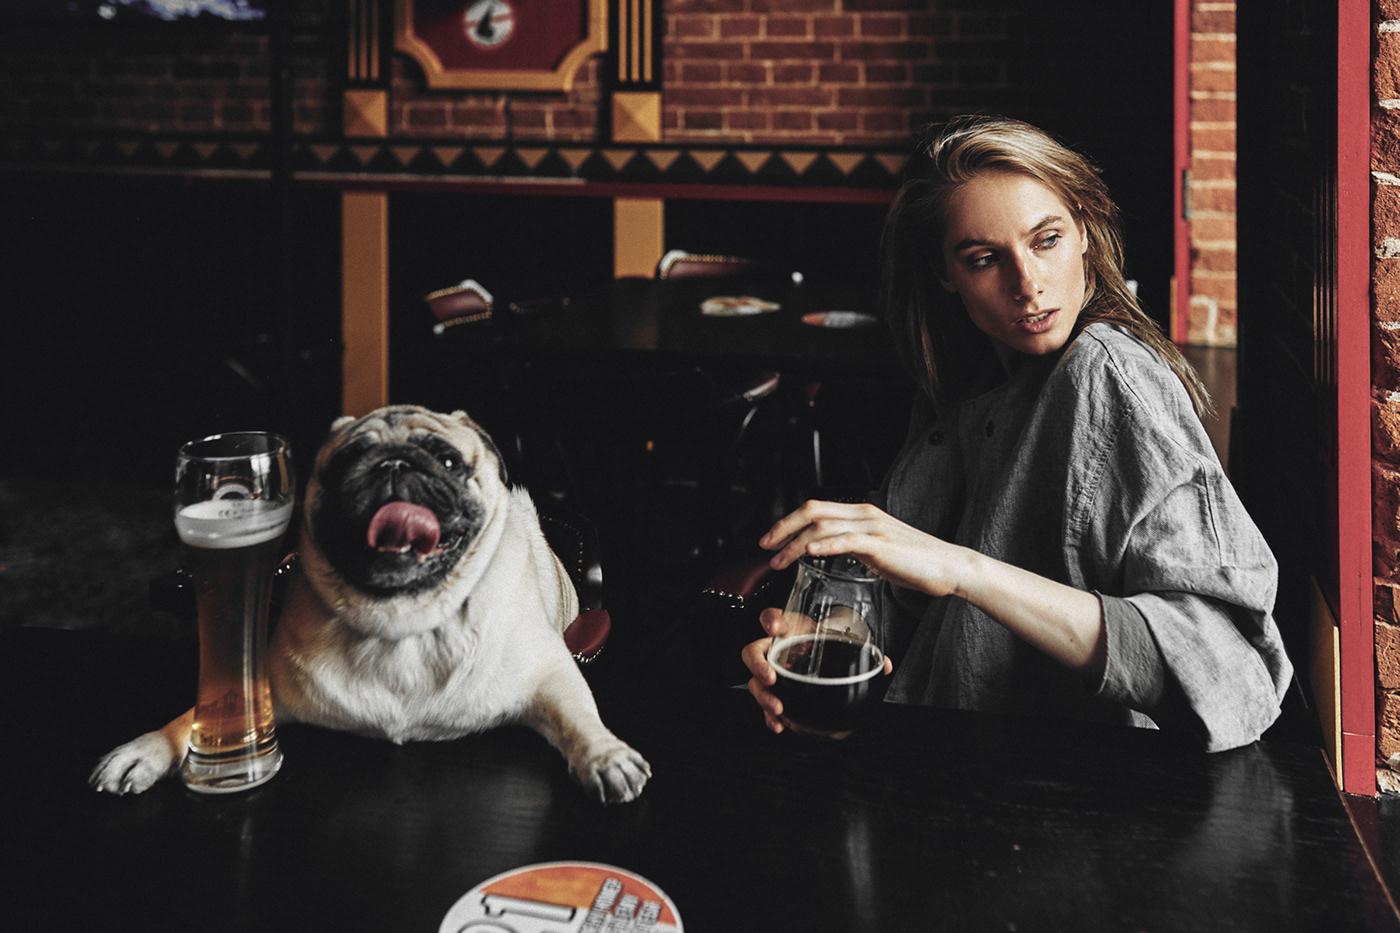 While beer is flowing / фотограф Игорь Новиков